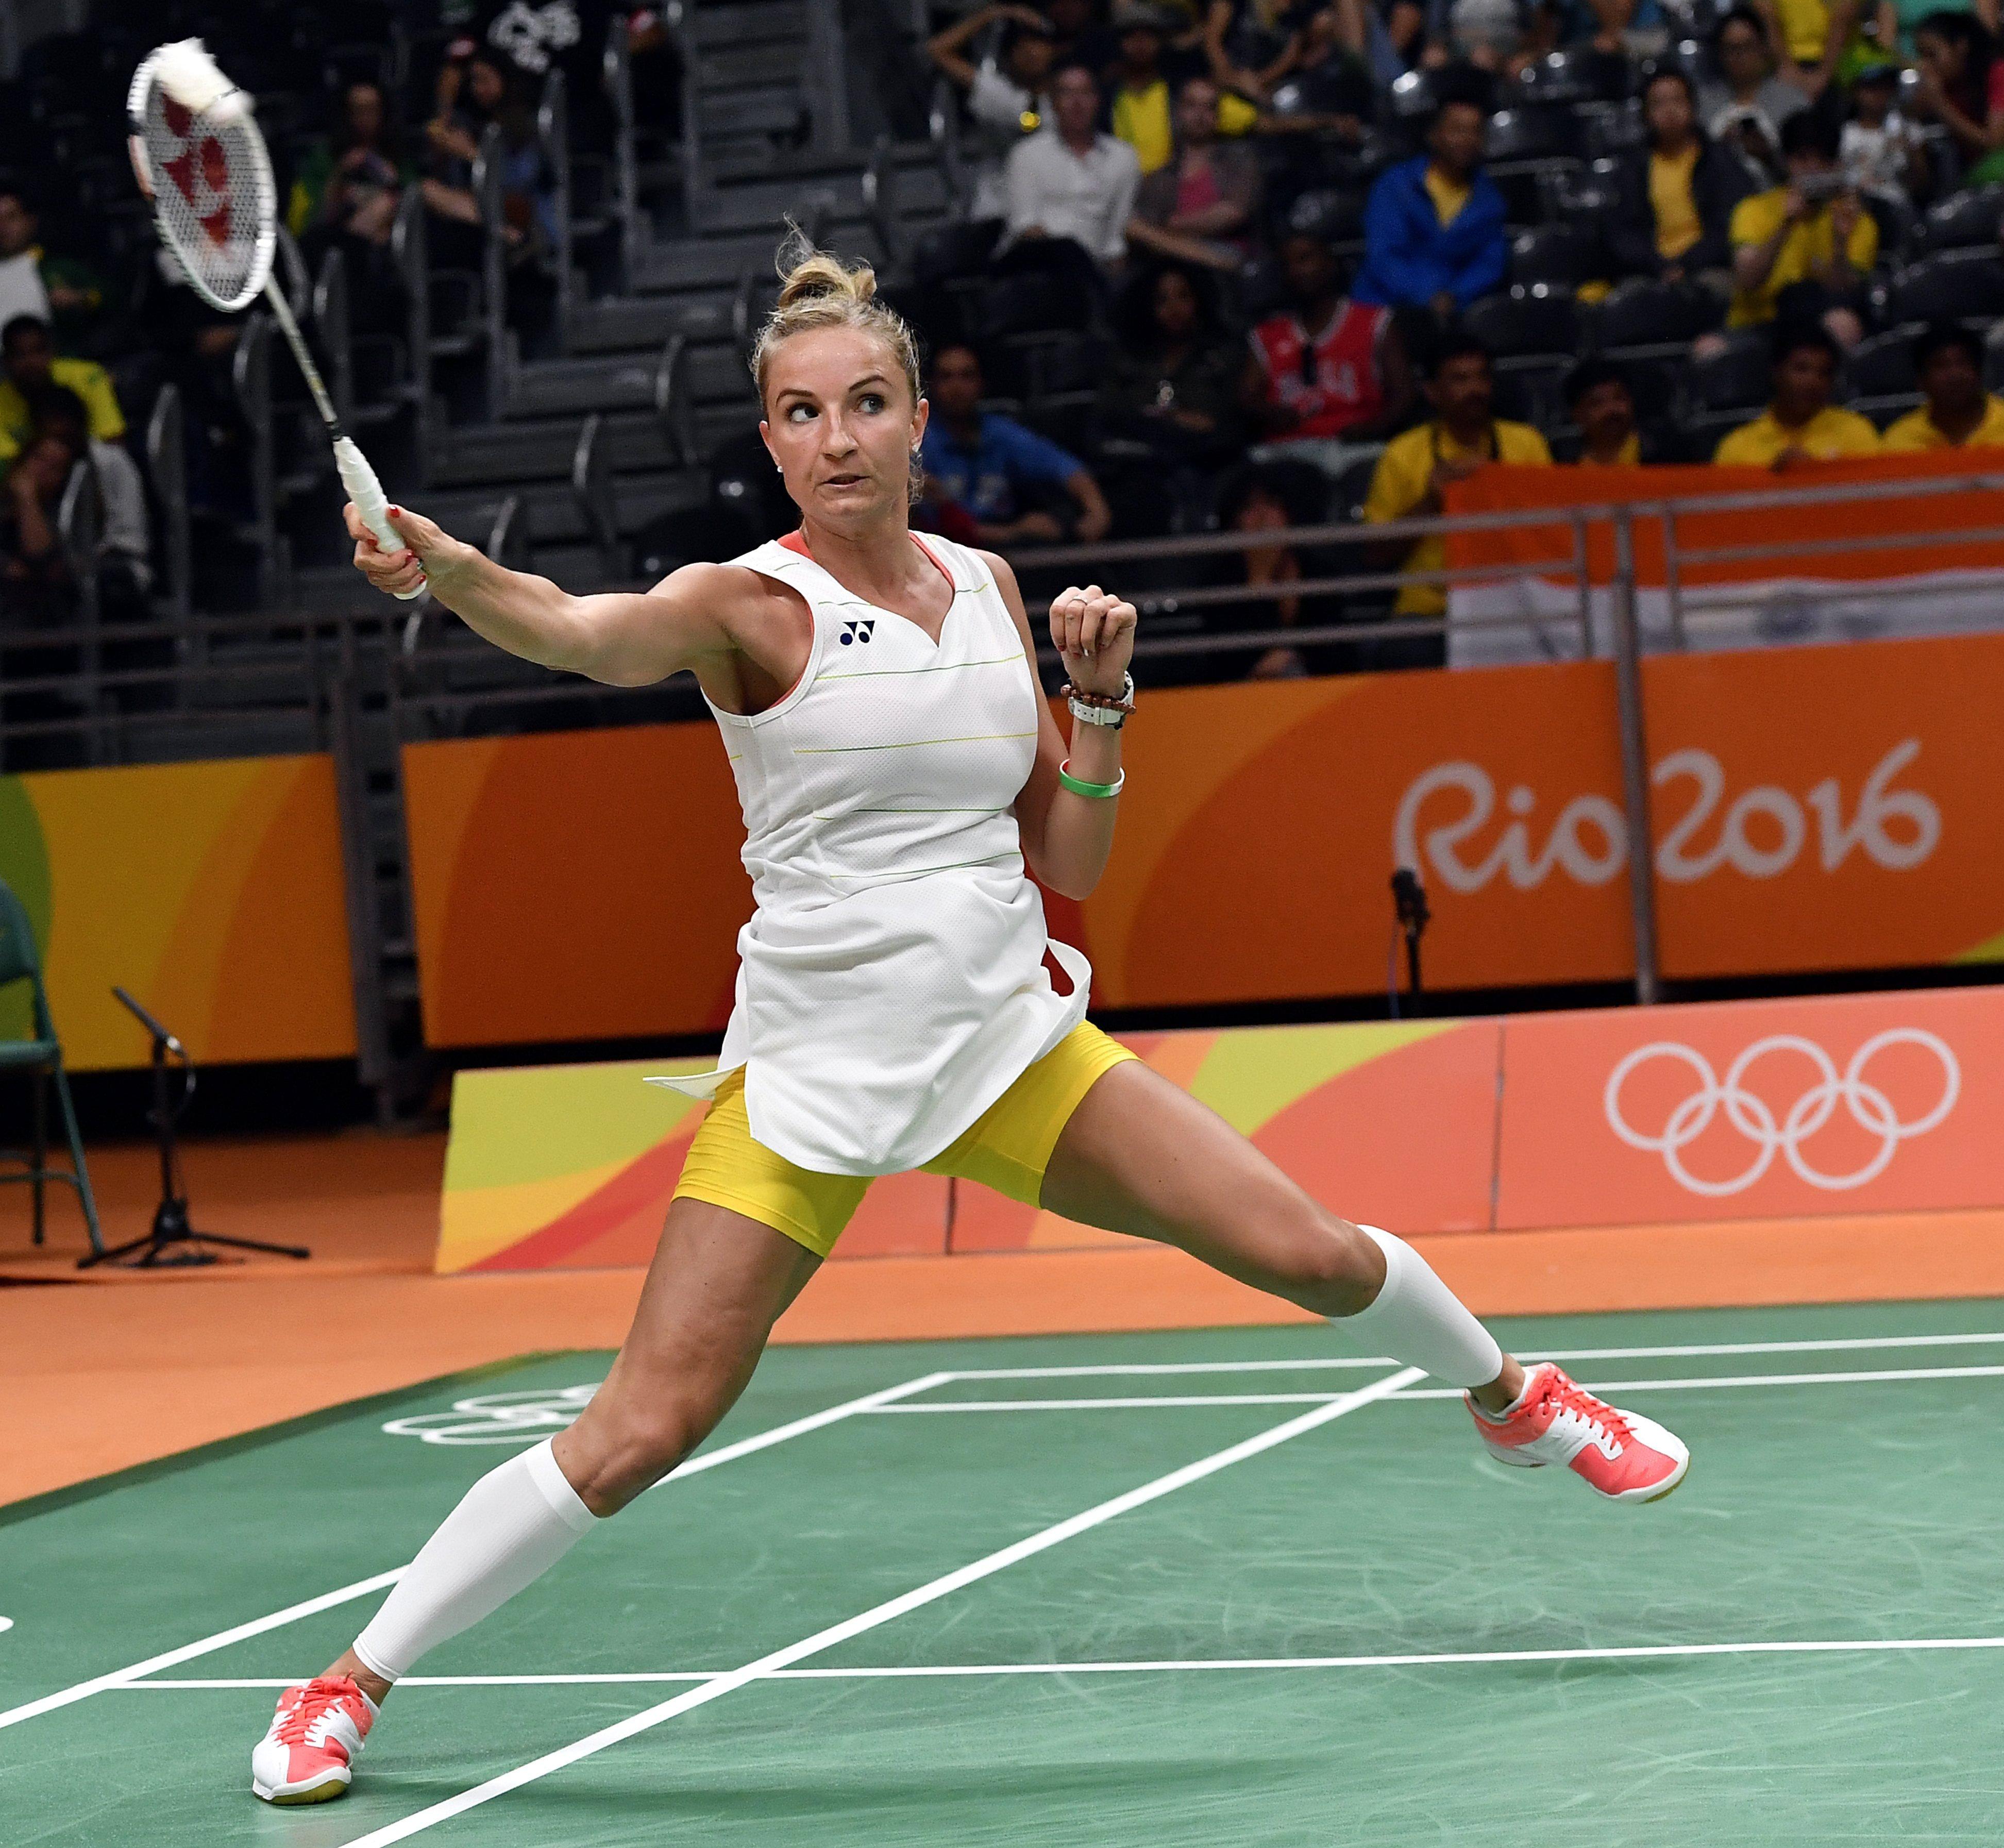 Kijutott az olimpiára Sárosi Laura tollaslabdázó